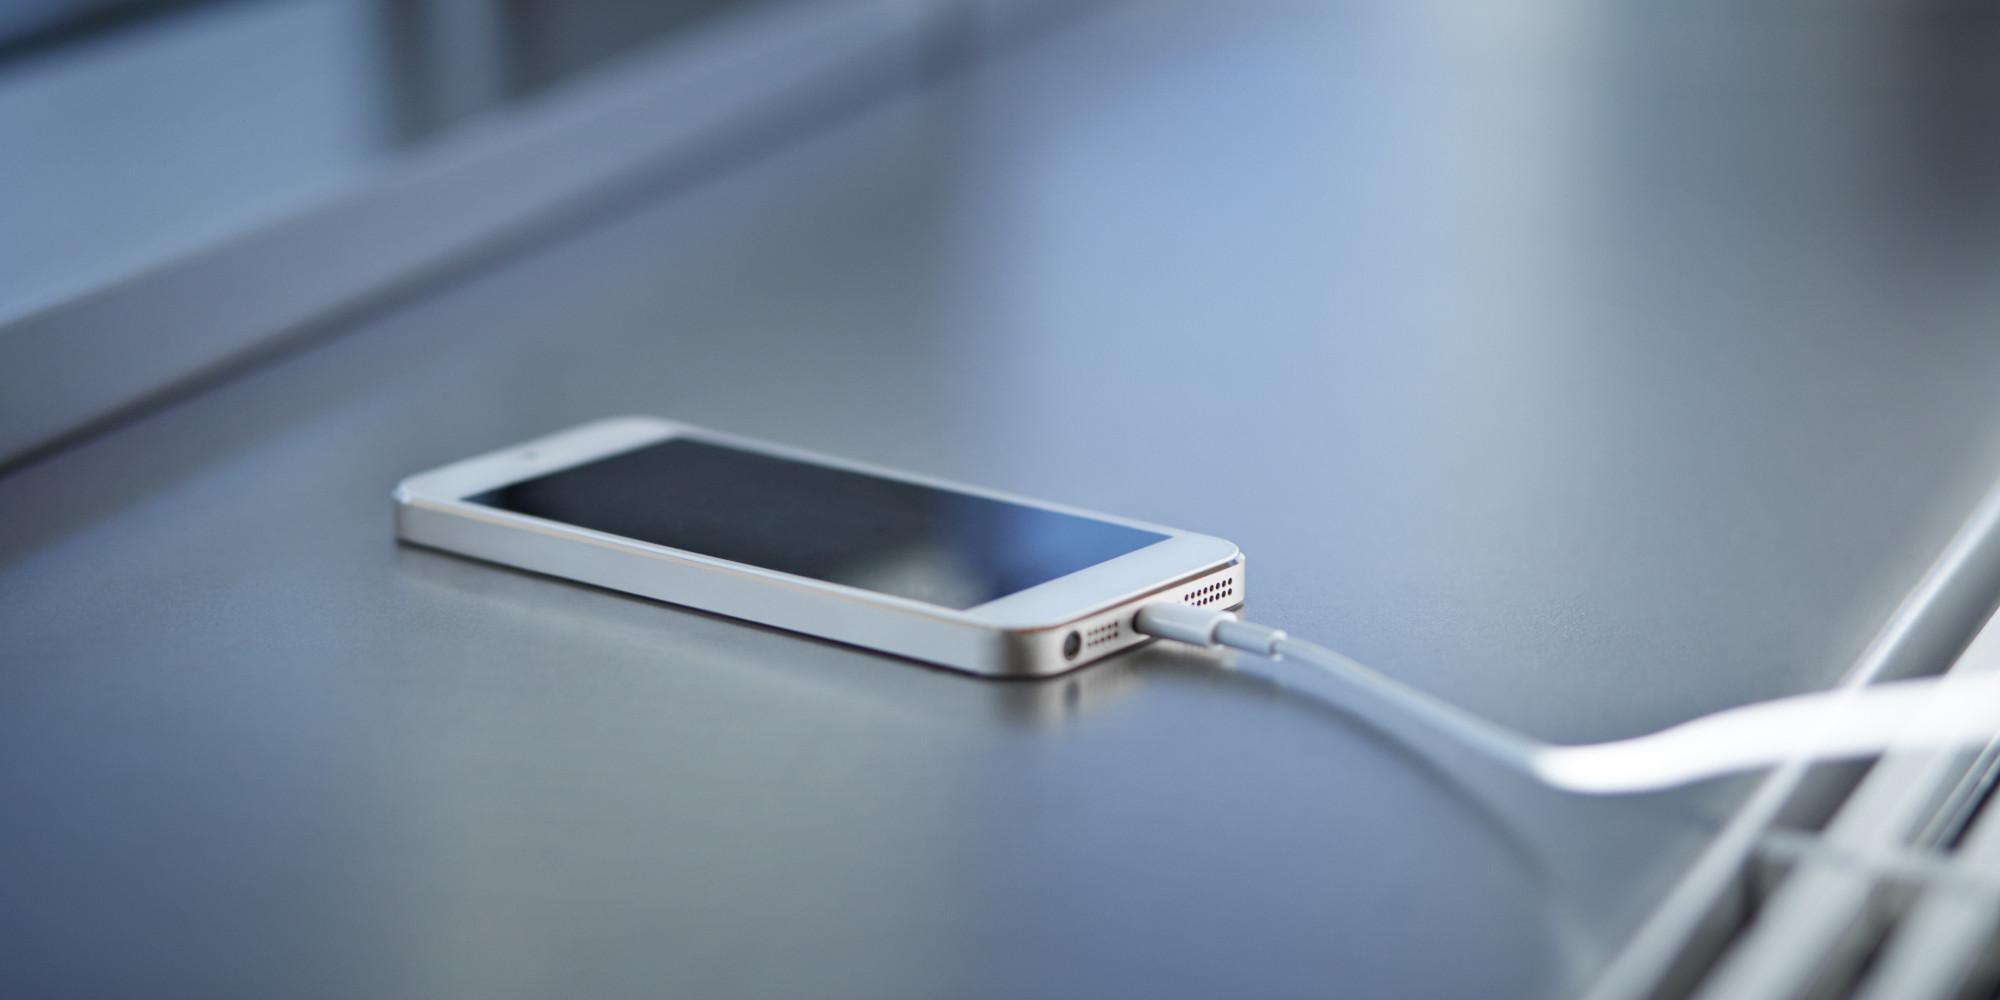 Kinh nghiệm sử dụng điện thoại bền bỉ